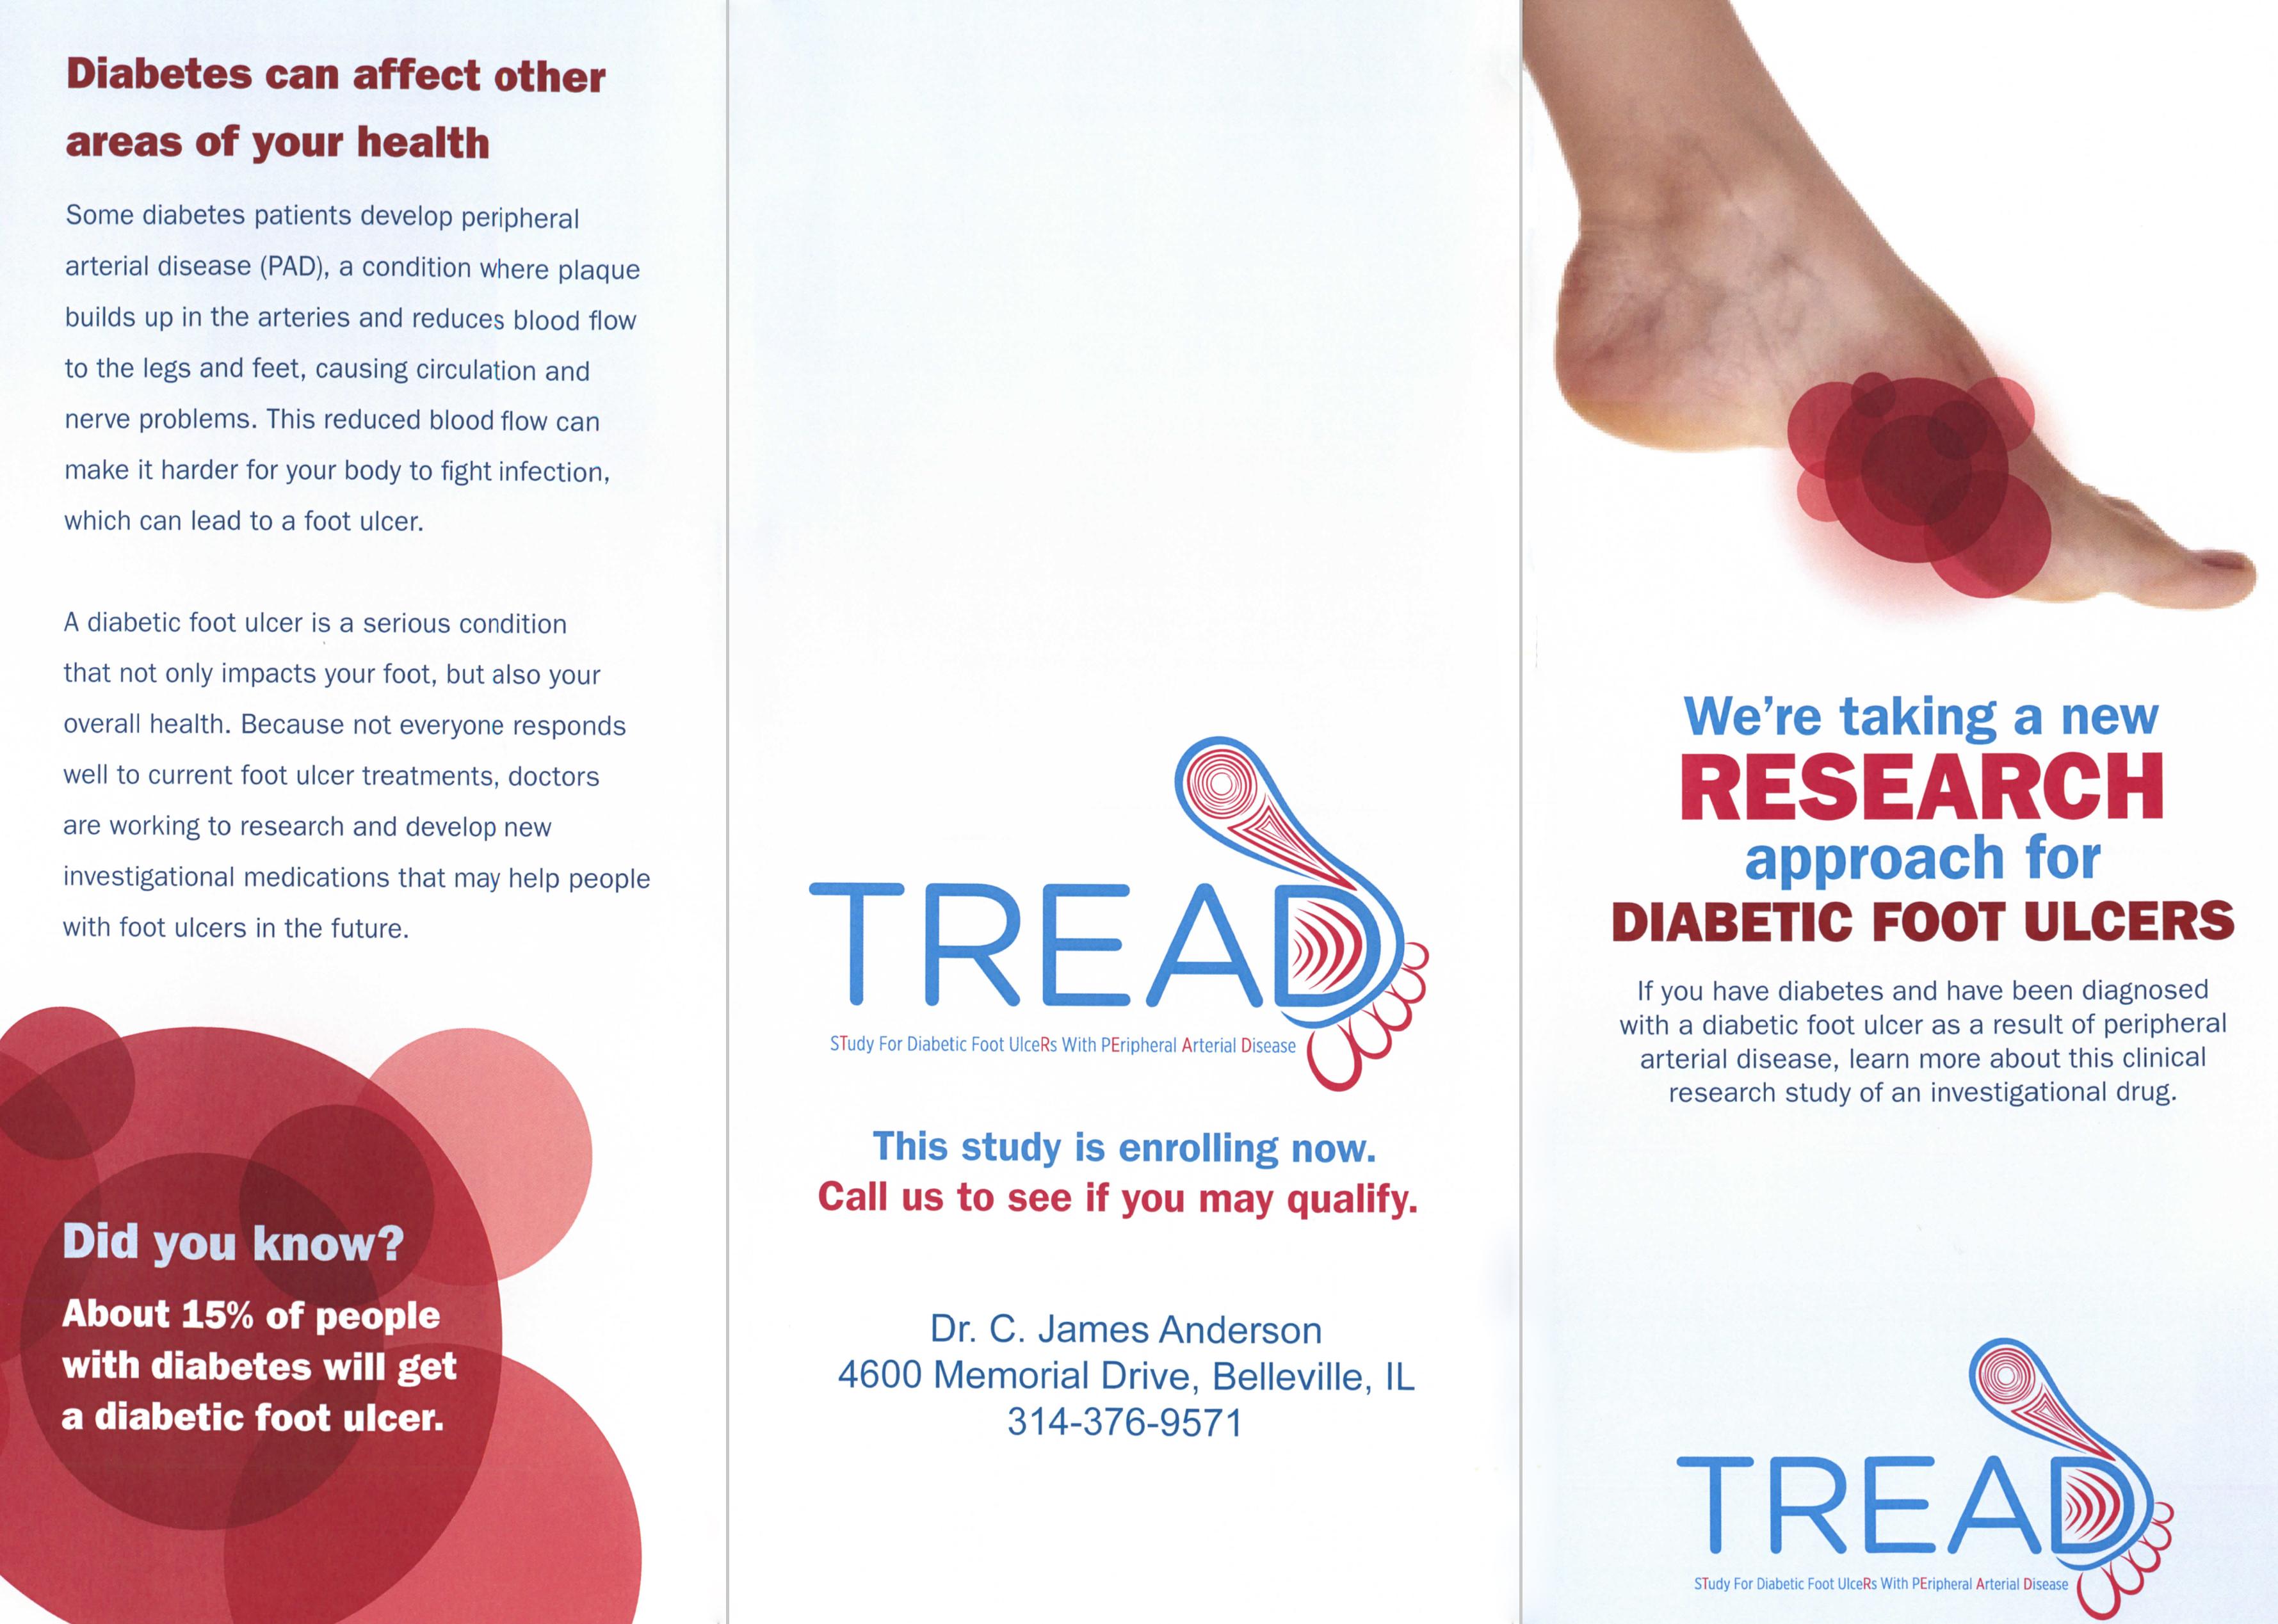 diabetic ulcer research brochure outside in belleville il